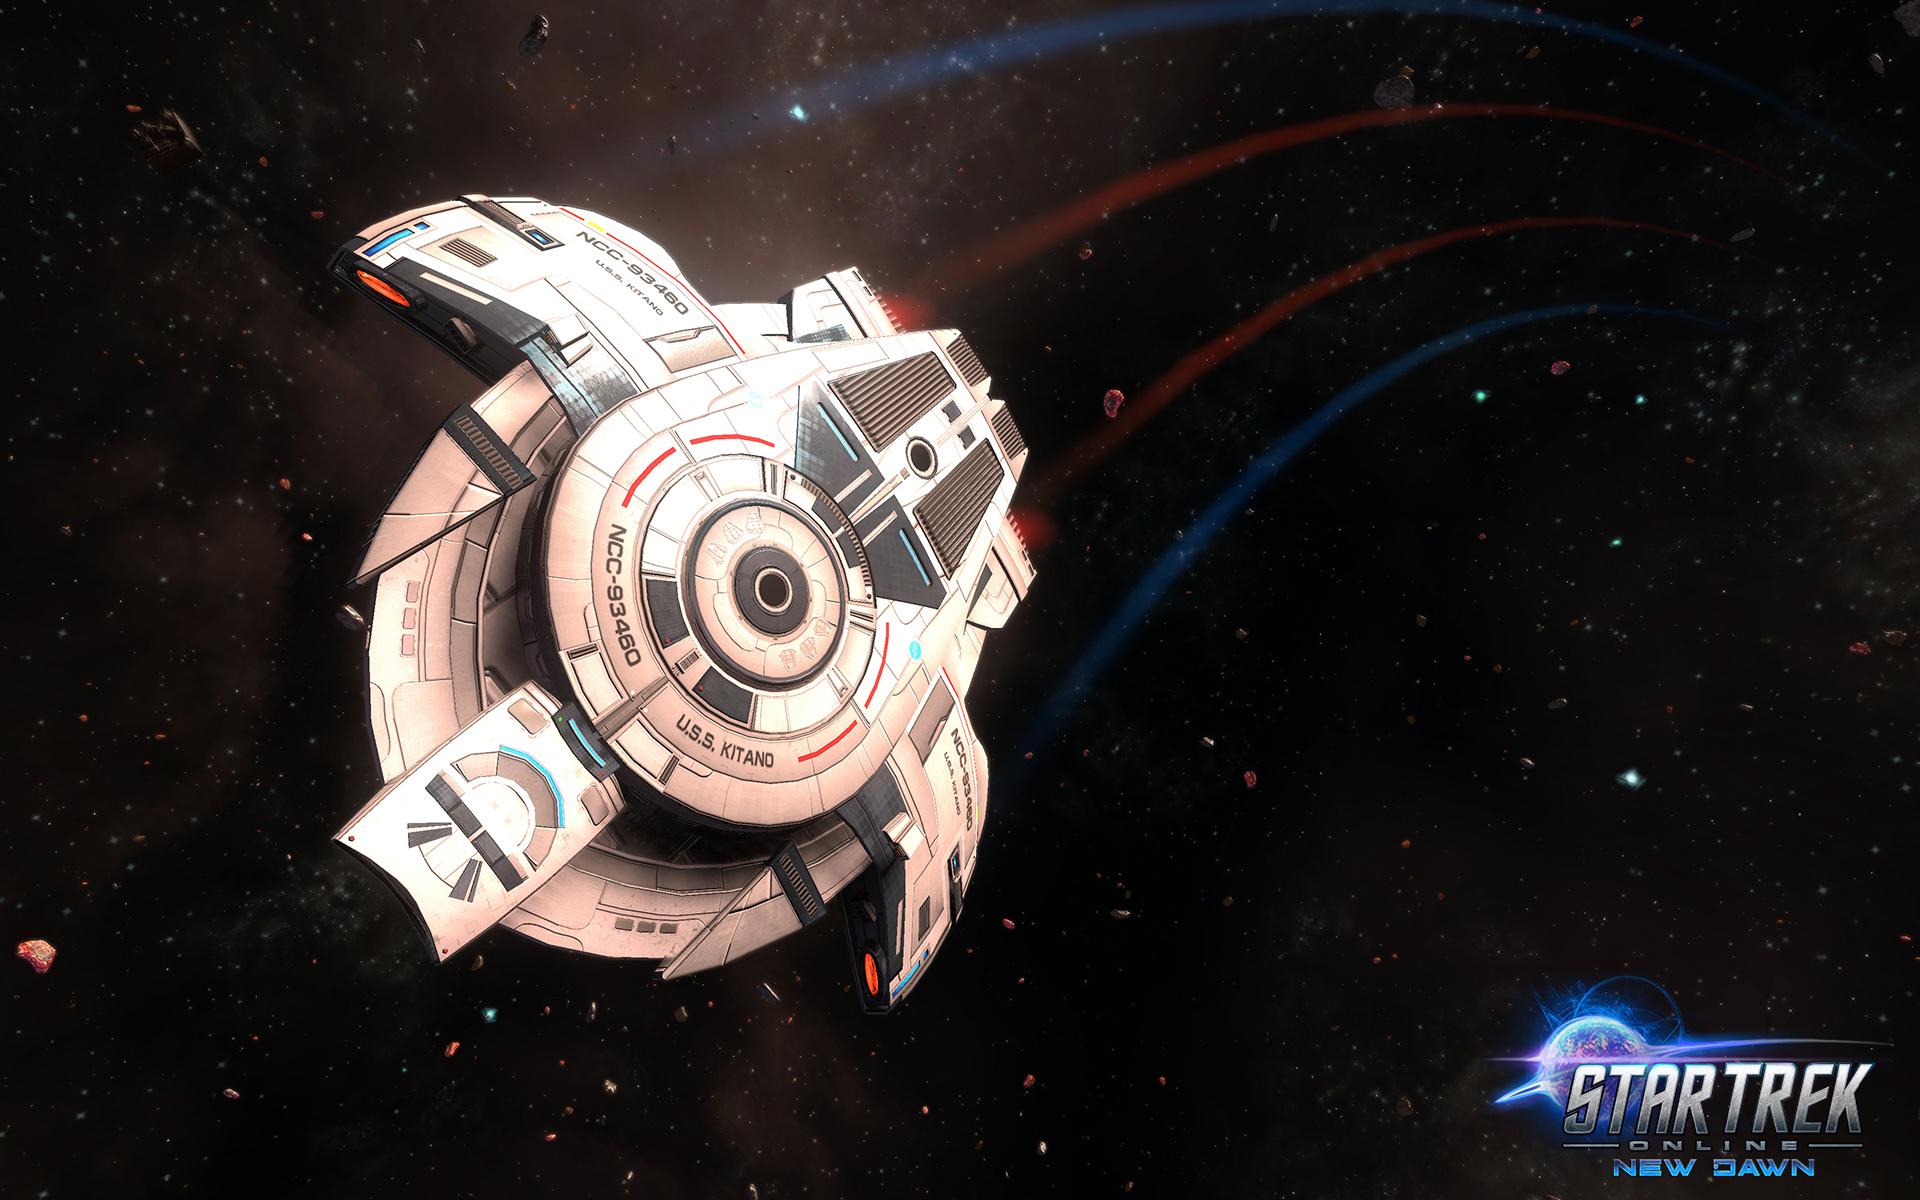 Star Trek T6 Valiant Escort